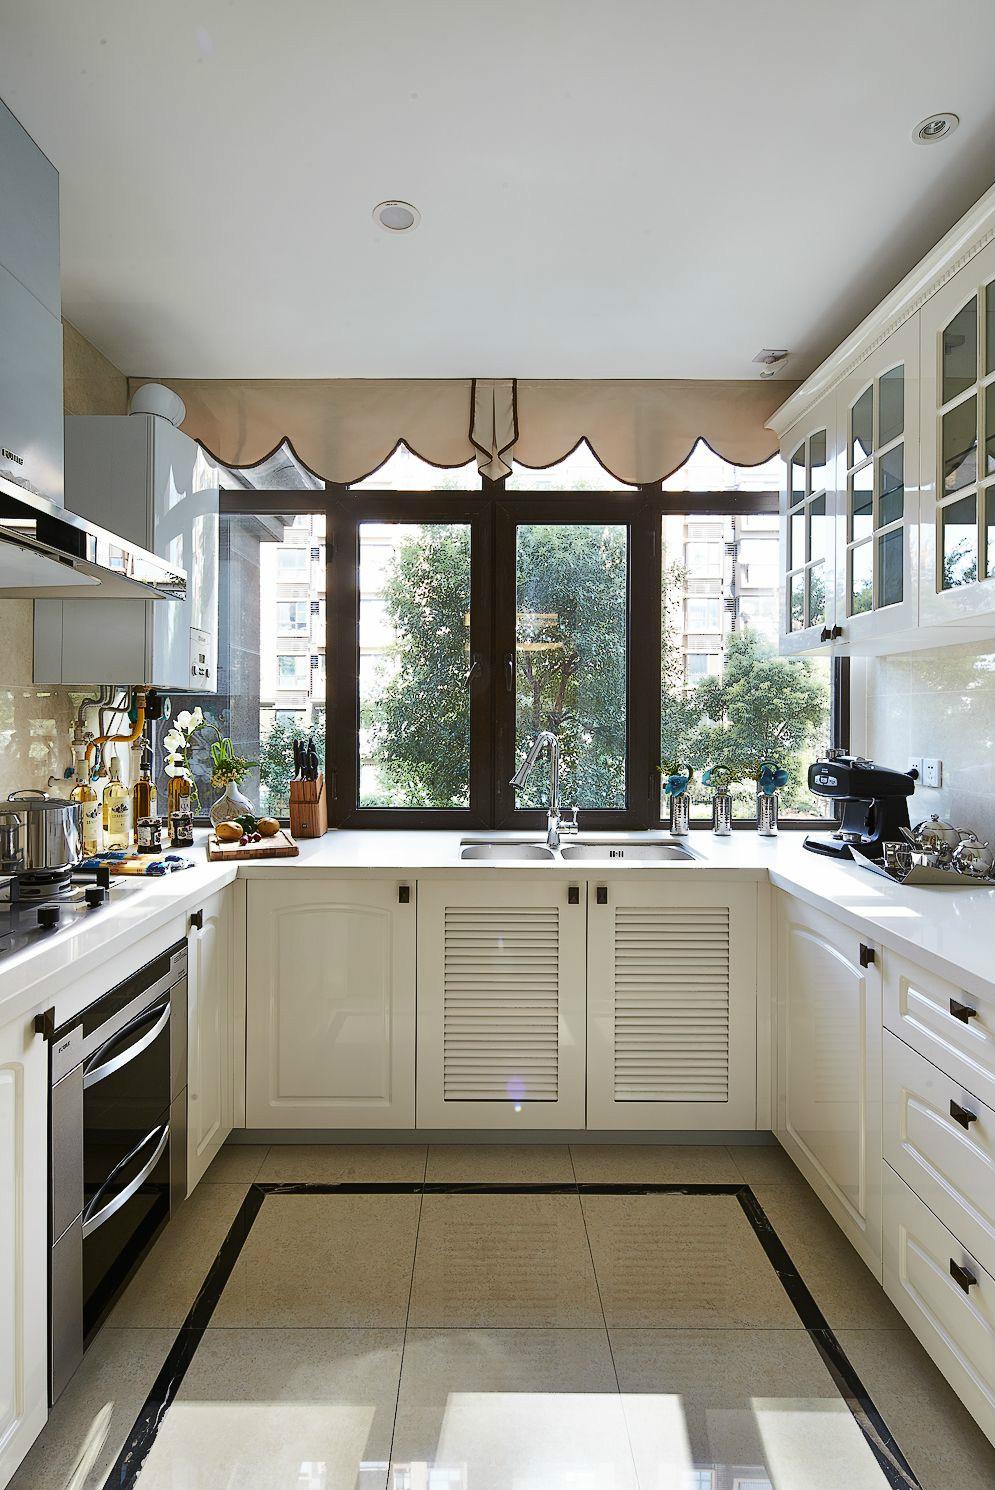 厨房采用了U型设计,作业面广非常实用;宽大的窗台照在白净的橱柜上,明亮宽敞。